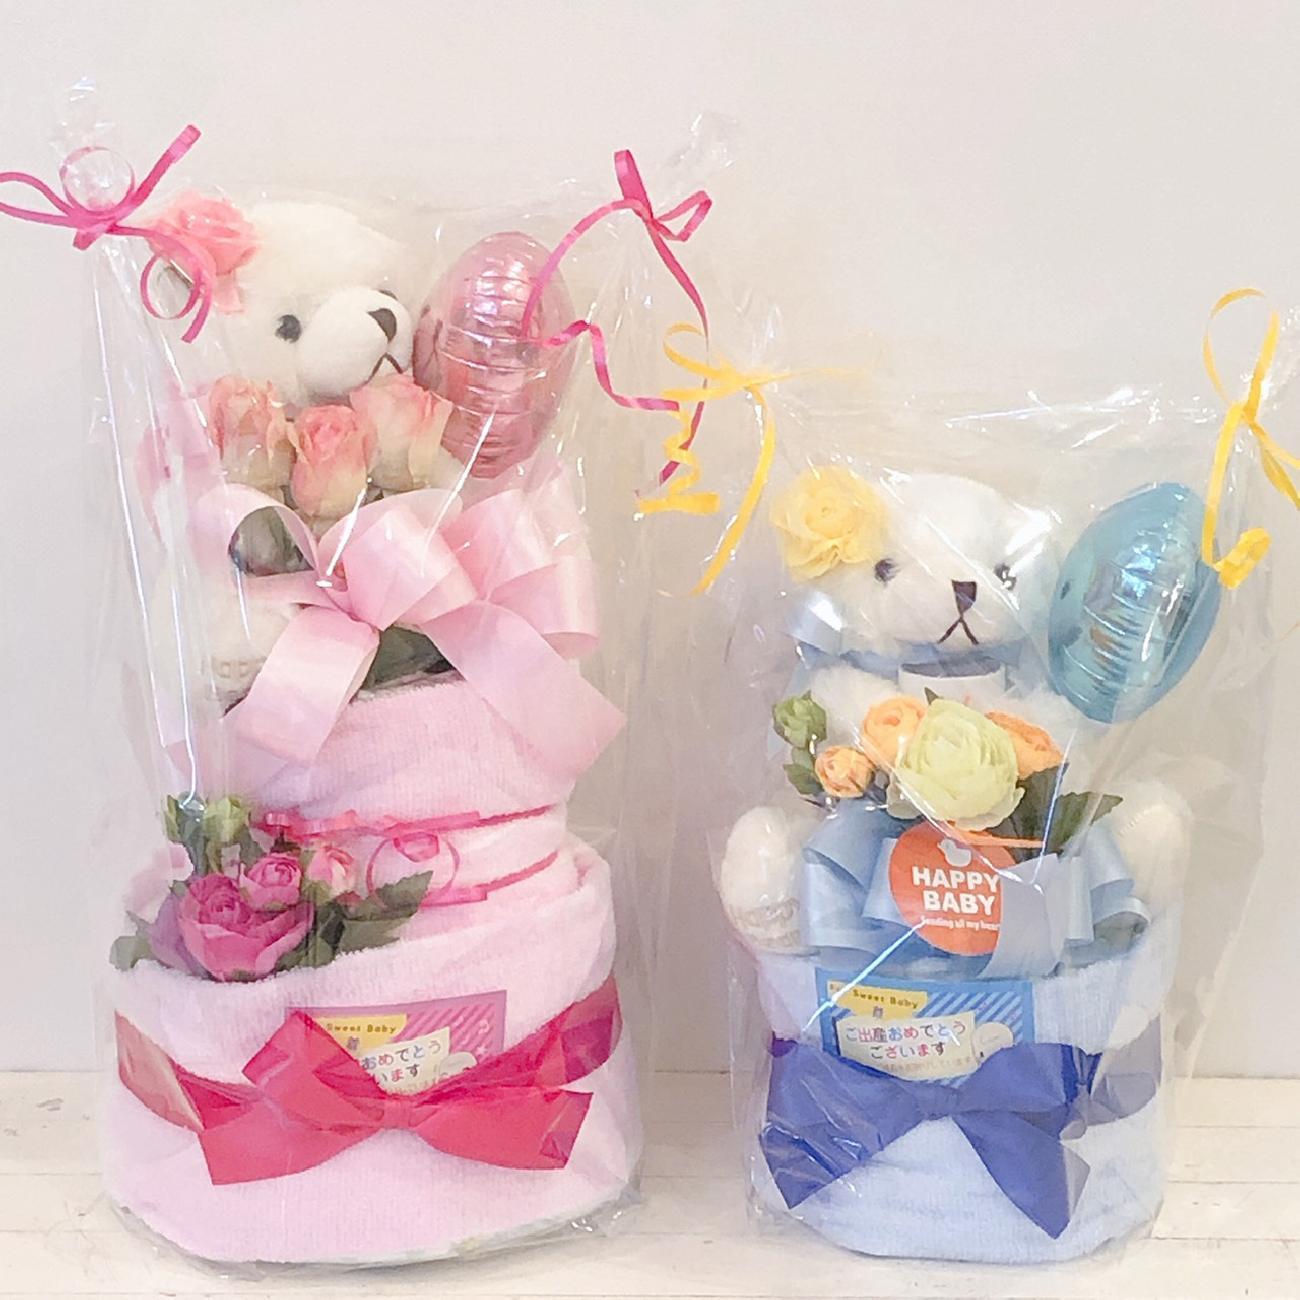 おむつケーキ/出産祝い/人気/贈り物/ギフト/ベビー